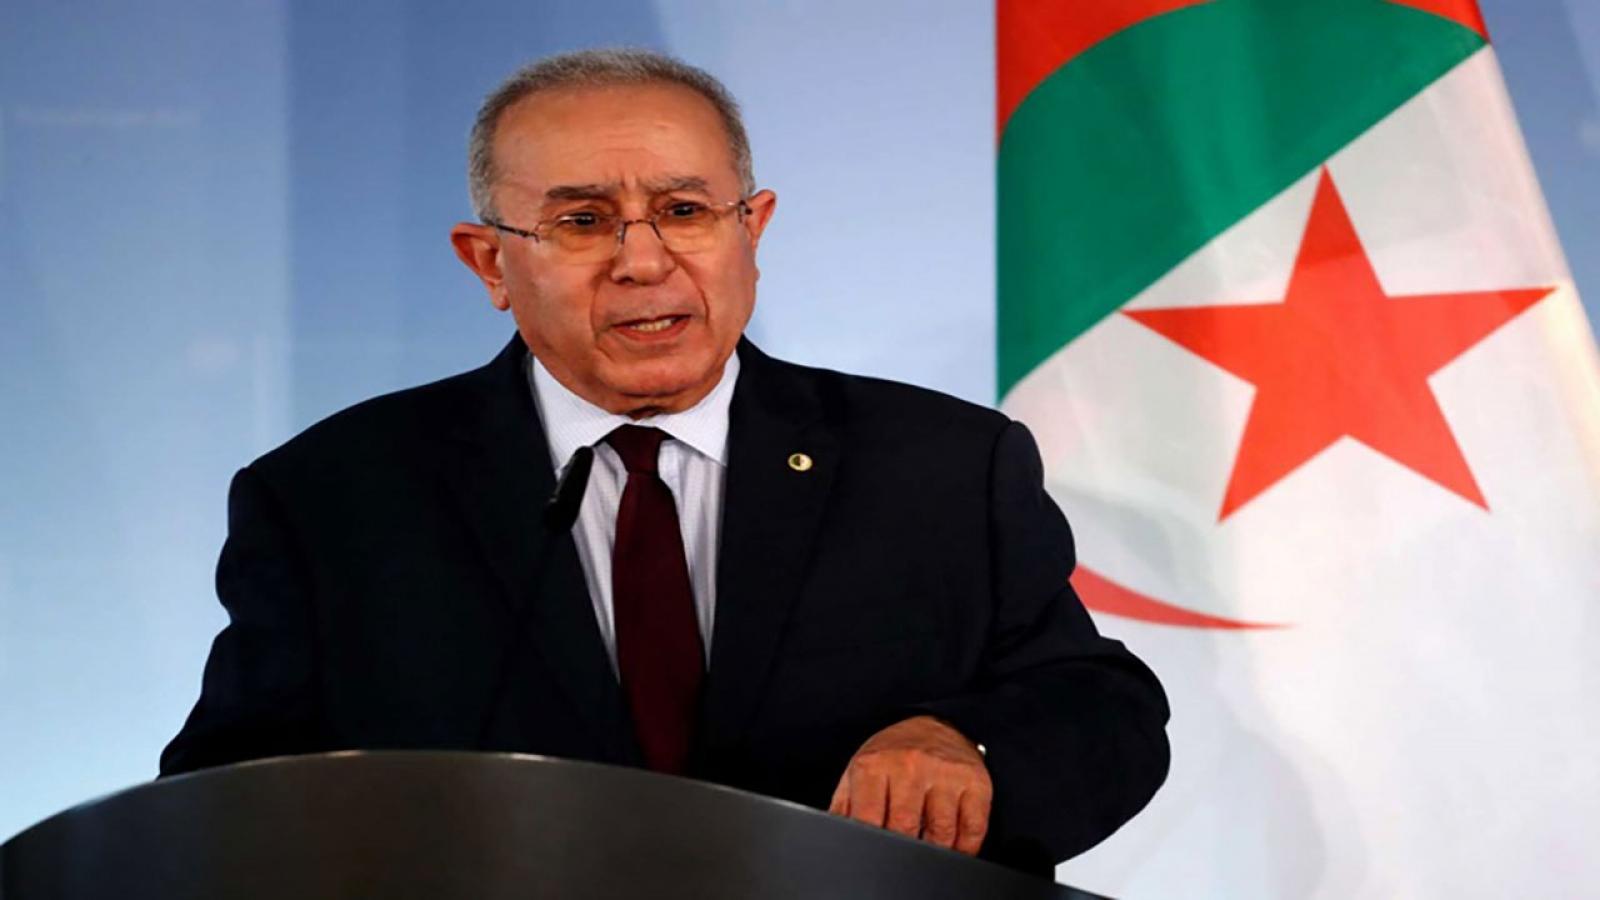 Hội nghị thượng đỉnh Arab sẽ thành công